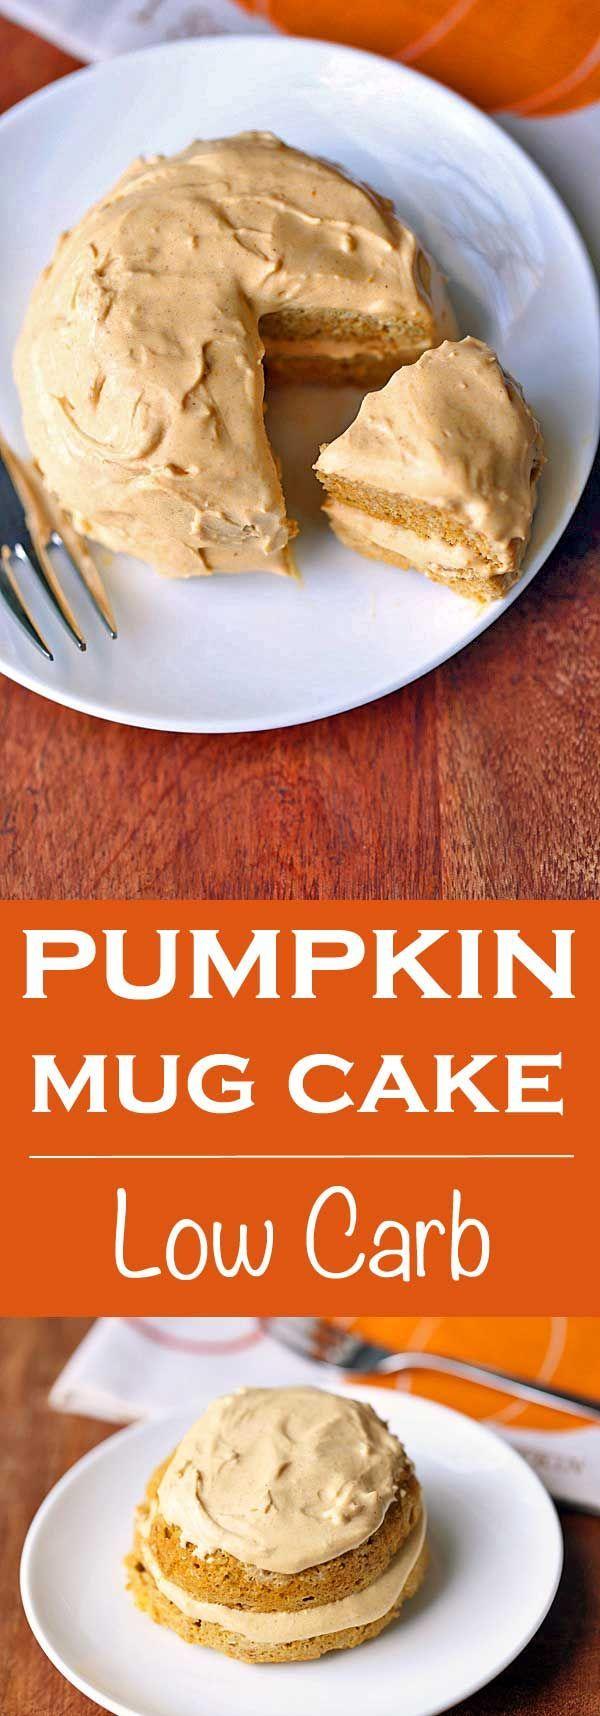 Pumpkin Mug Cake   Recipe   Low carb mug cakes, Pumpkin ...